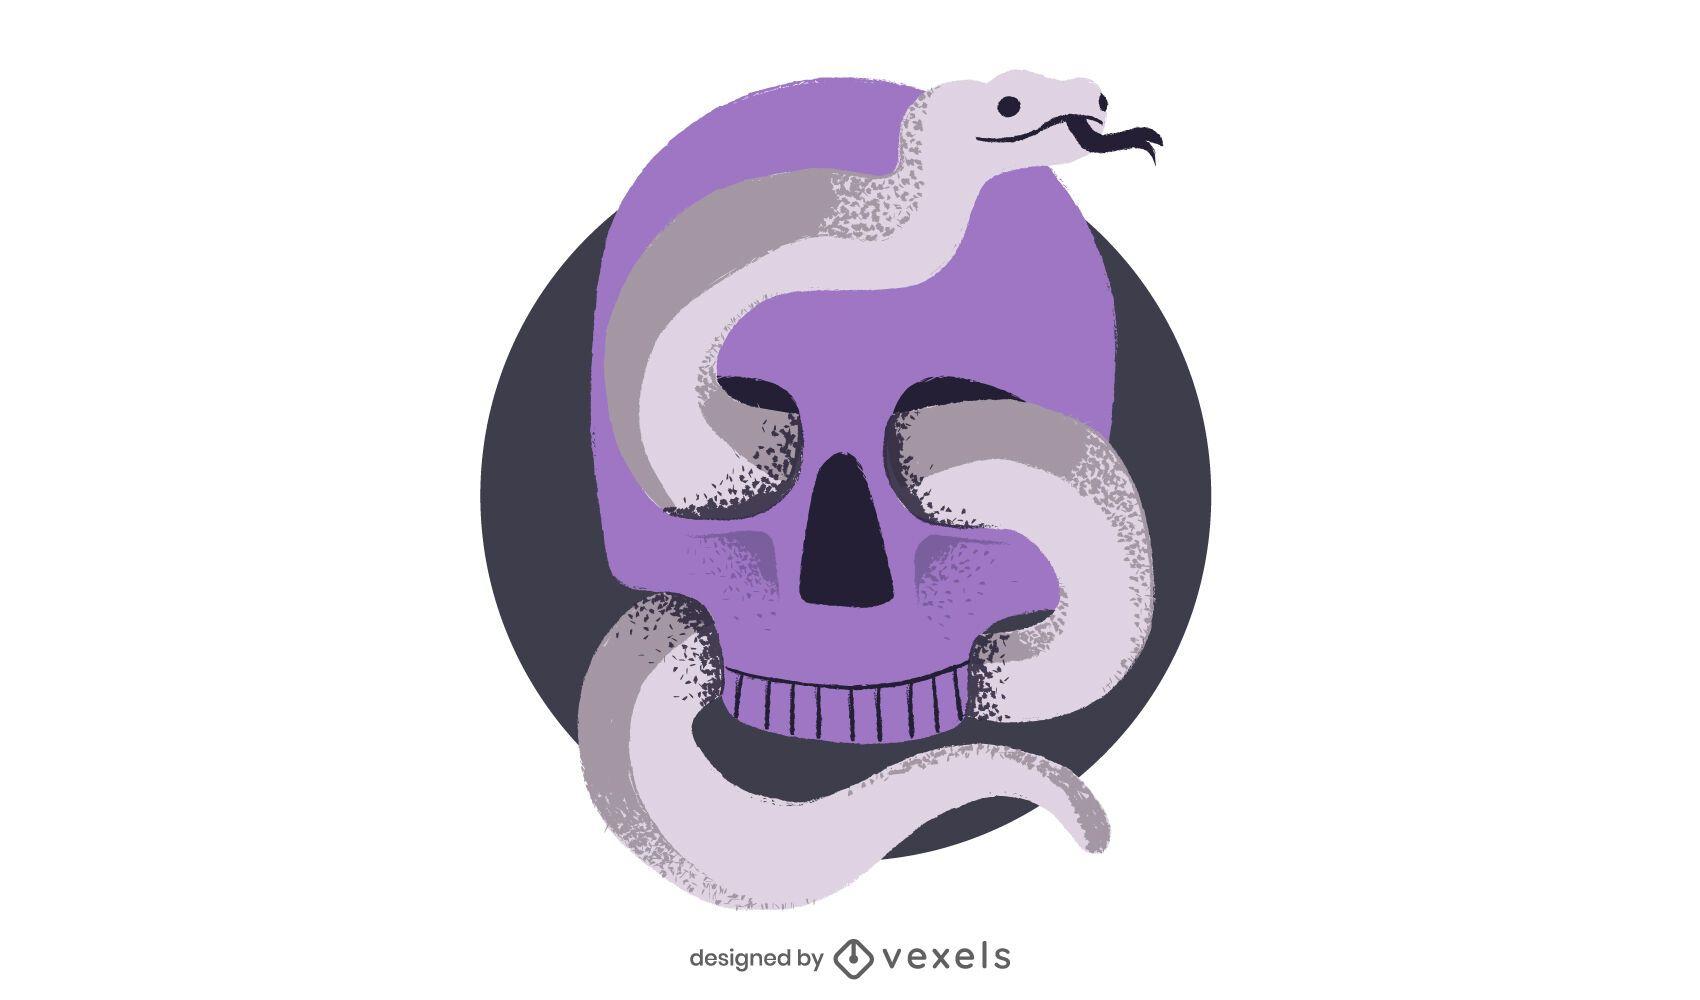 Skull and snake illustration design